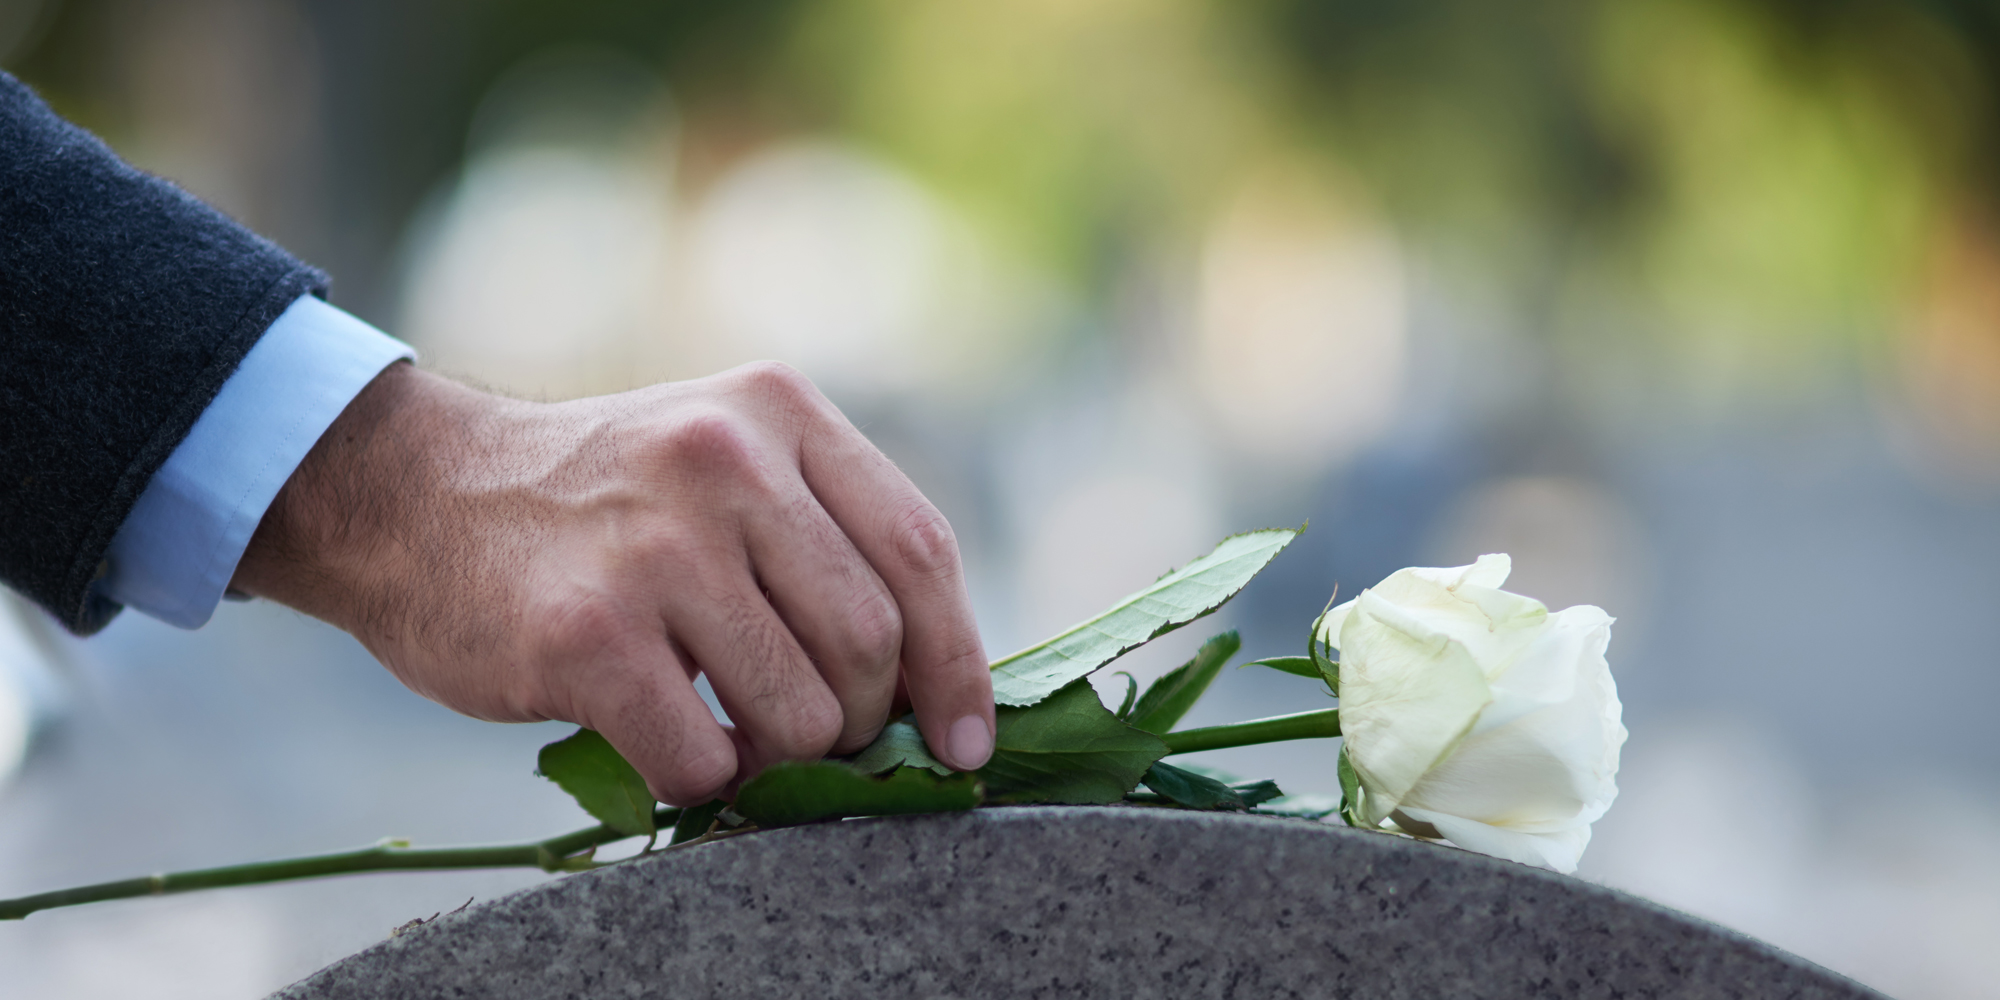 Falleció el 19-05-19 en Alem 650